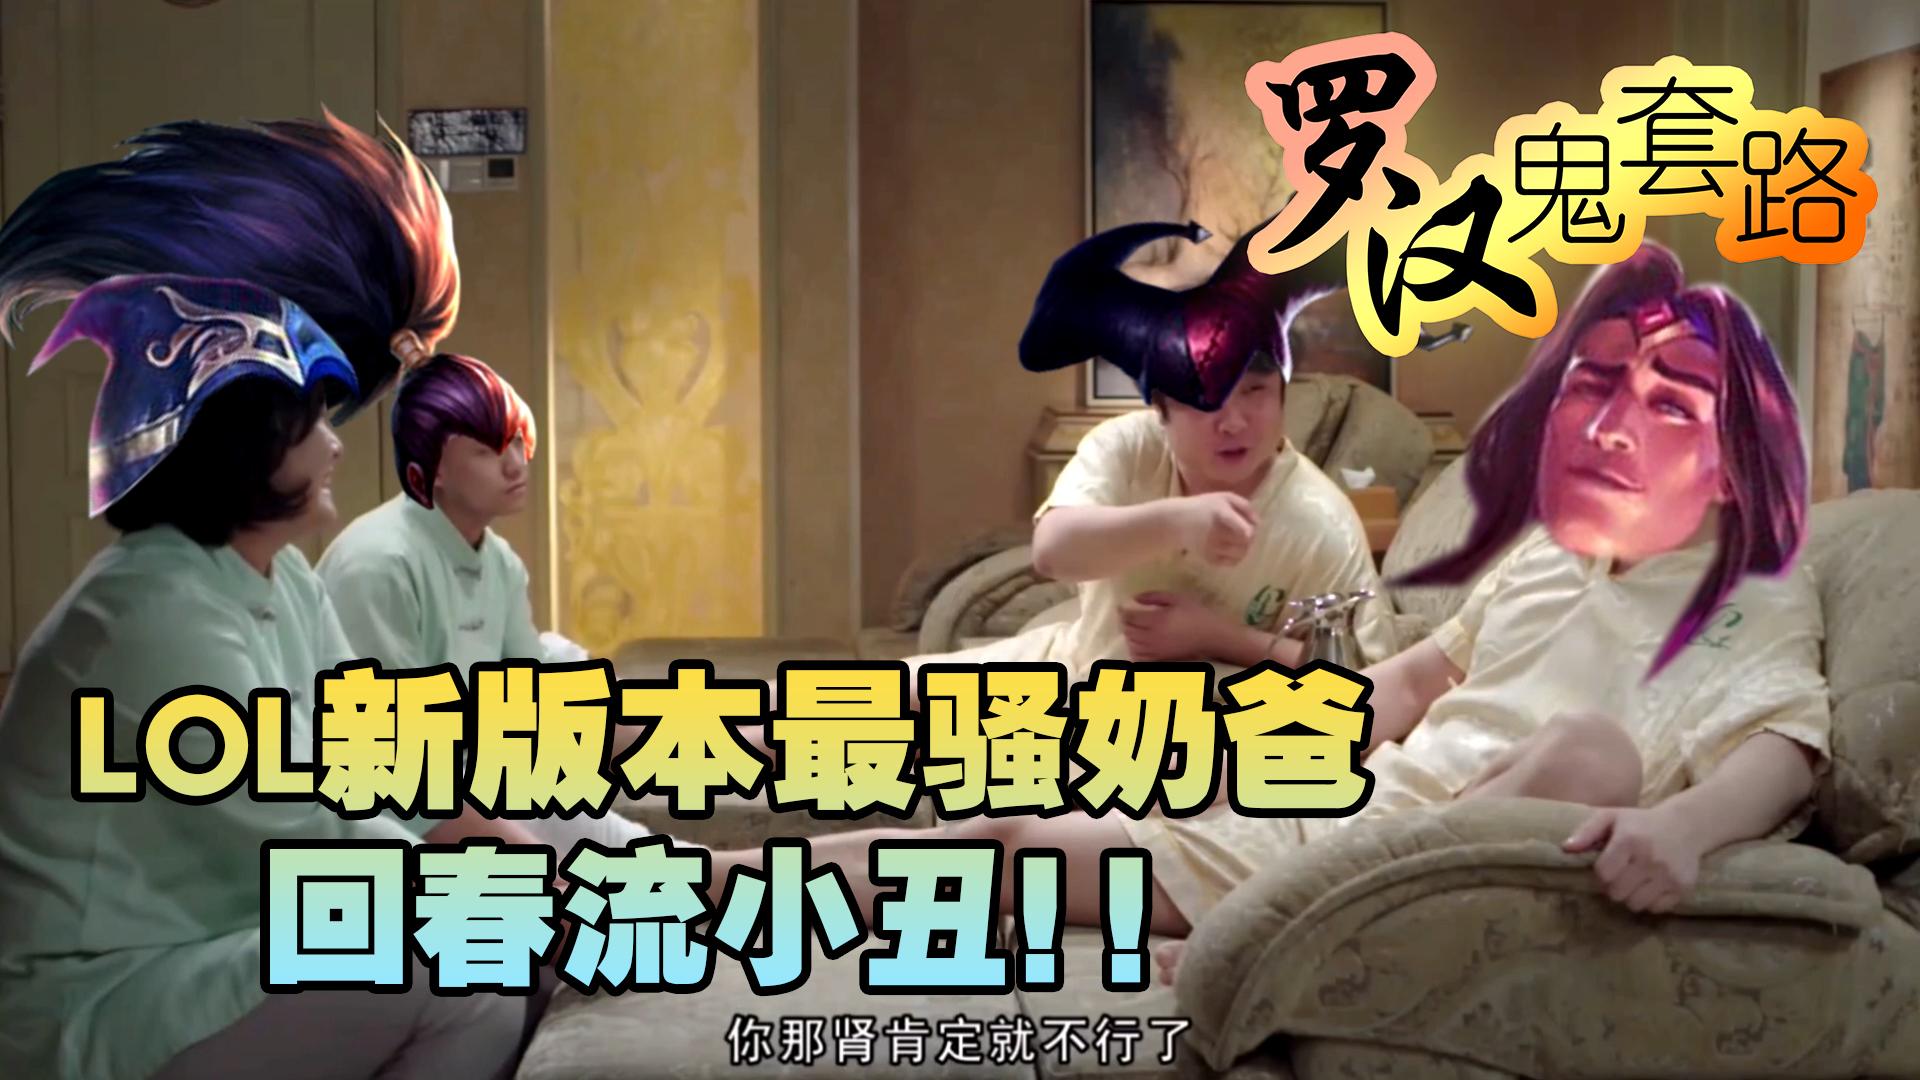 罗汉鬼套路:lol新版本最骚奶爸 小丑回春流!!